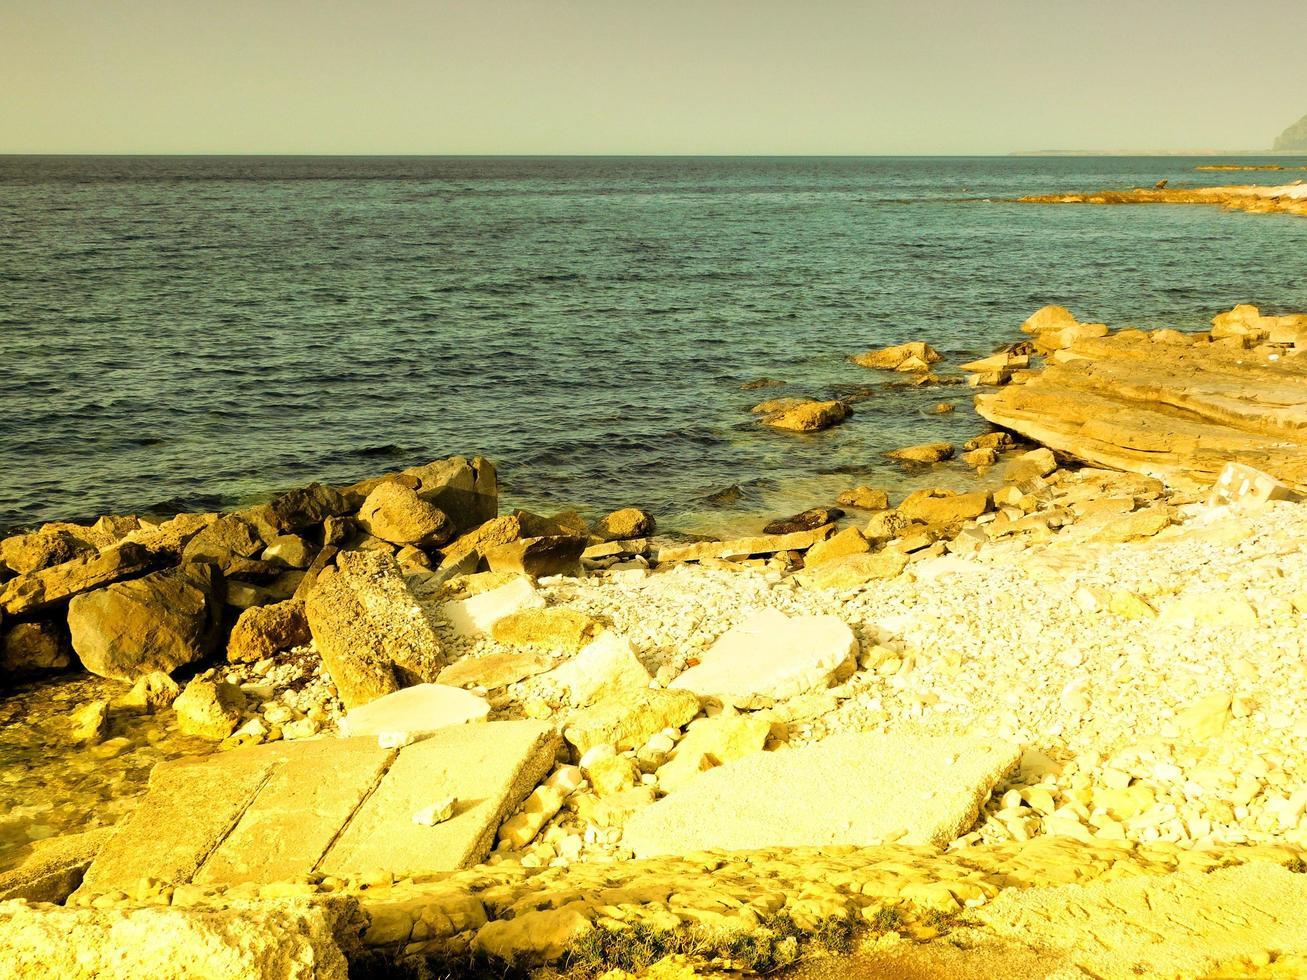 buiten zee overdag foto